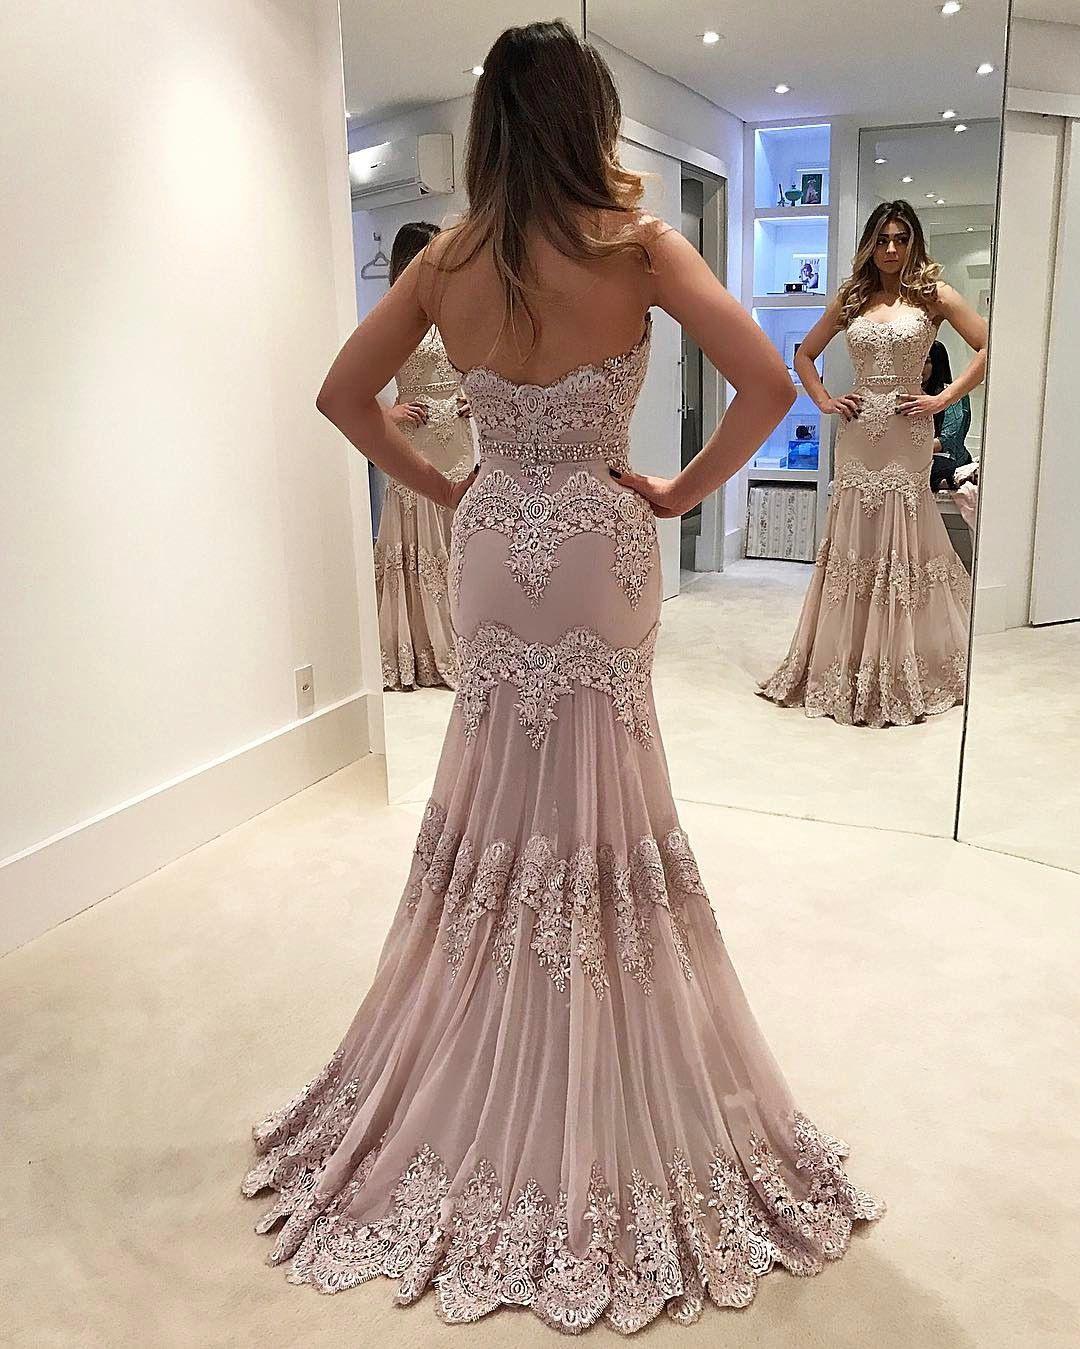 15 Top Abendkleider Günstig Kaufen Online SpezialgebietDesigner Einzigartig Abendkleider Günstig Kaufen Online Stylish